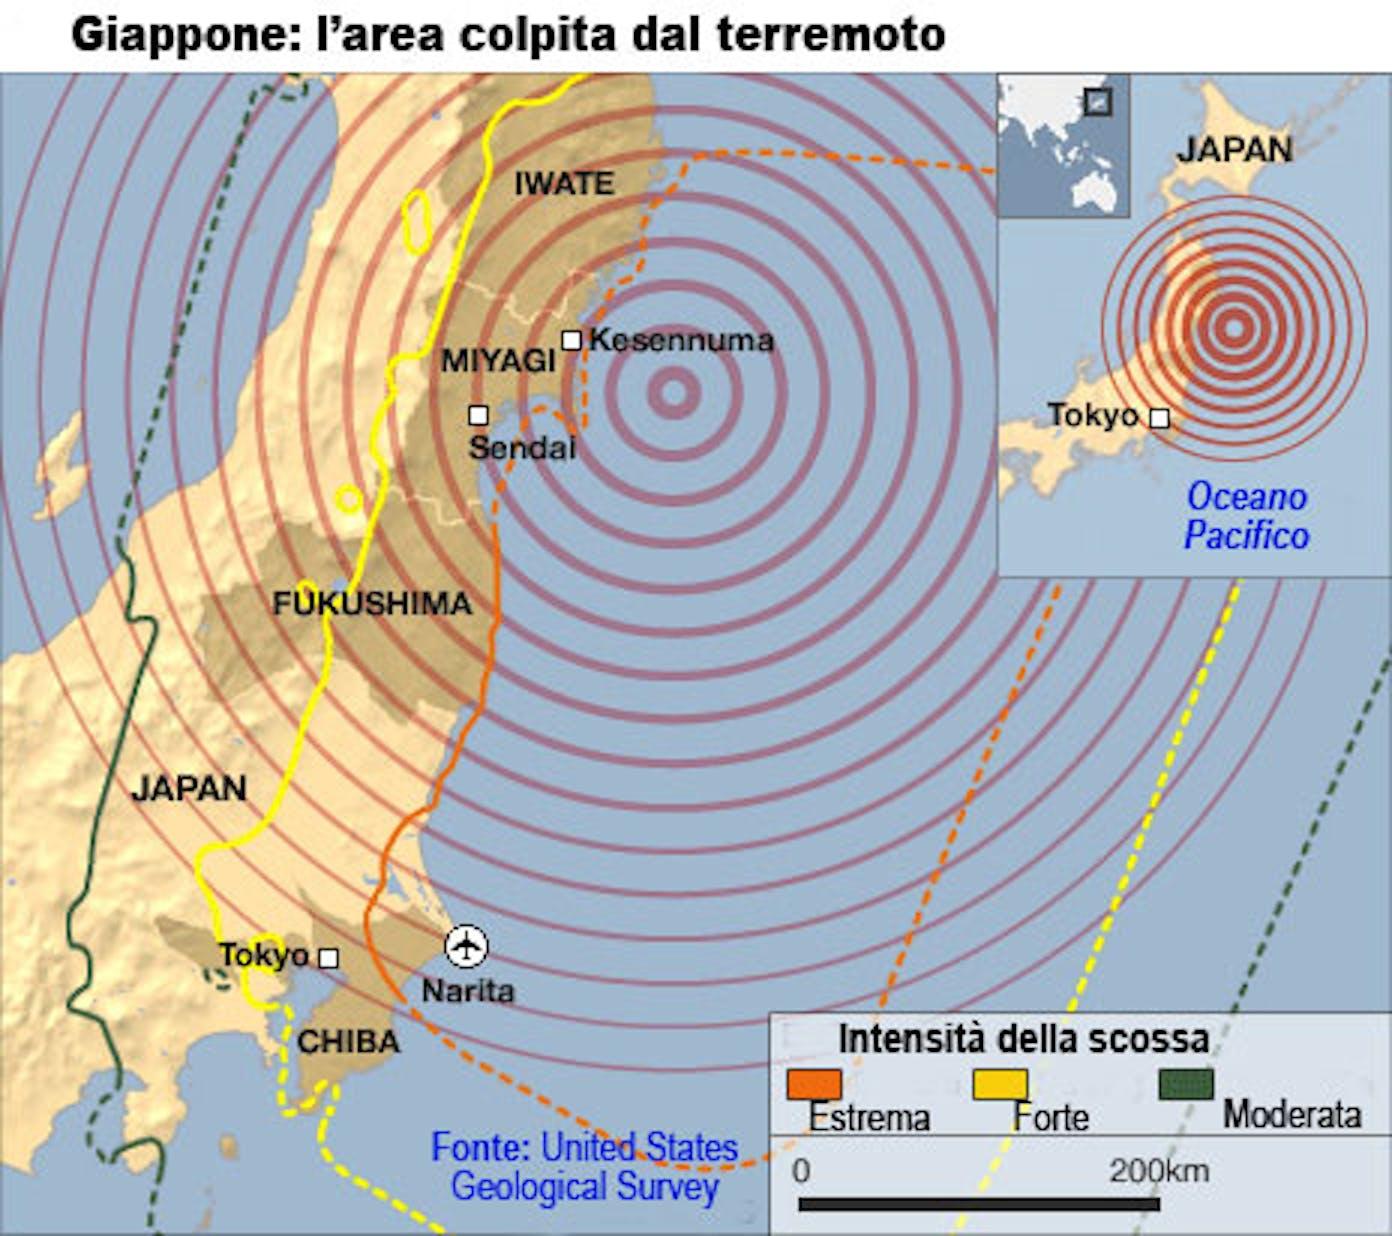 Giappone - Mappa del disastro